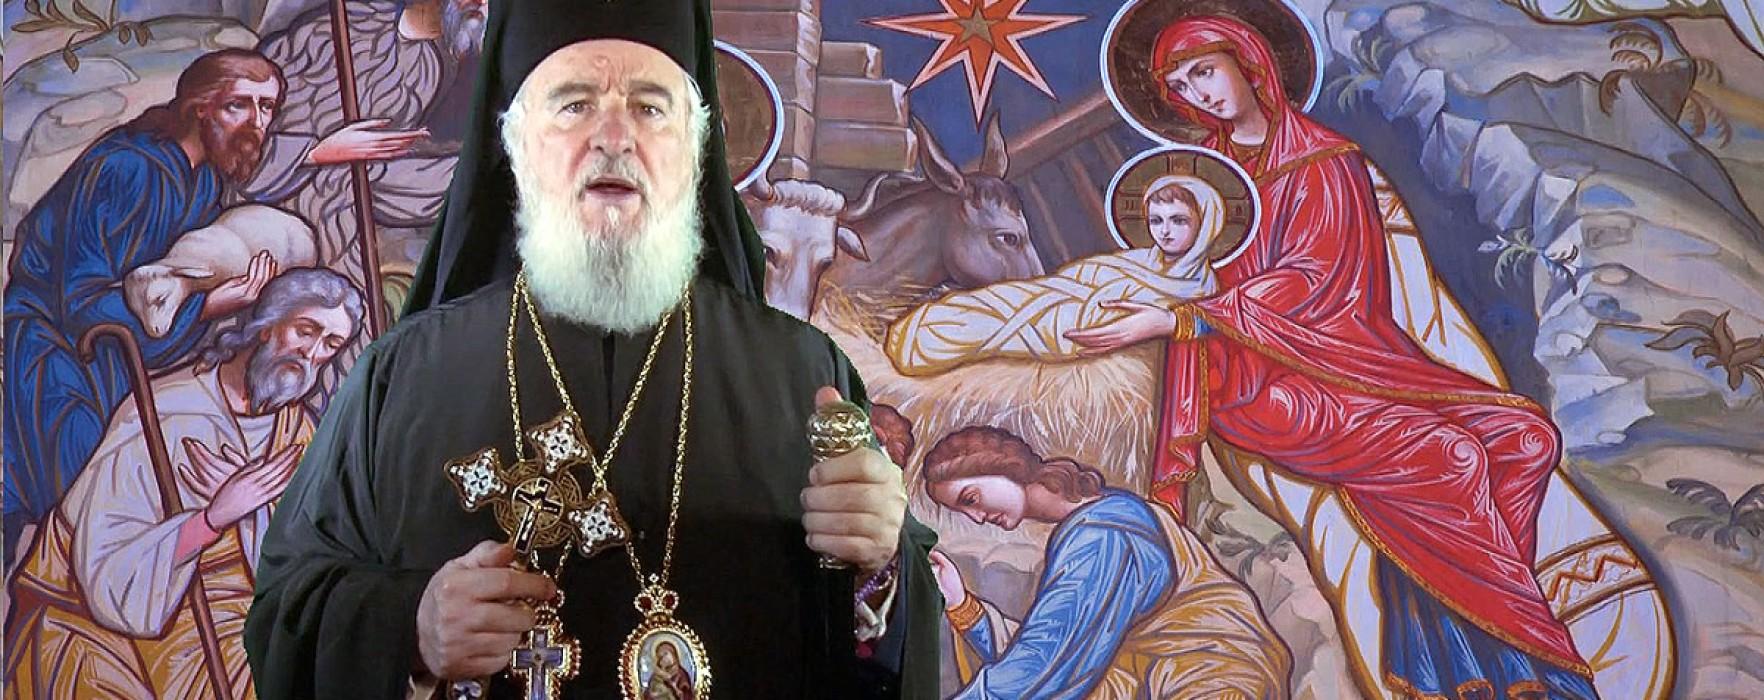 Mesajul Arhiepiscopului Târgoviştei, Nifon, cu ocazia Nașterii Domnului 2014